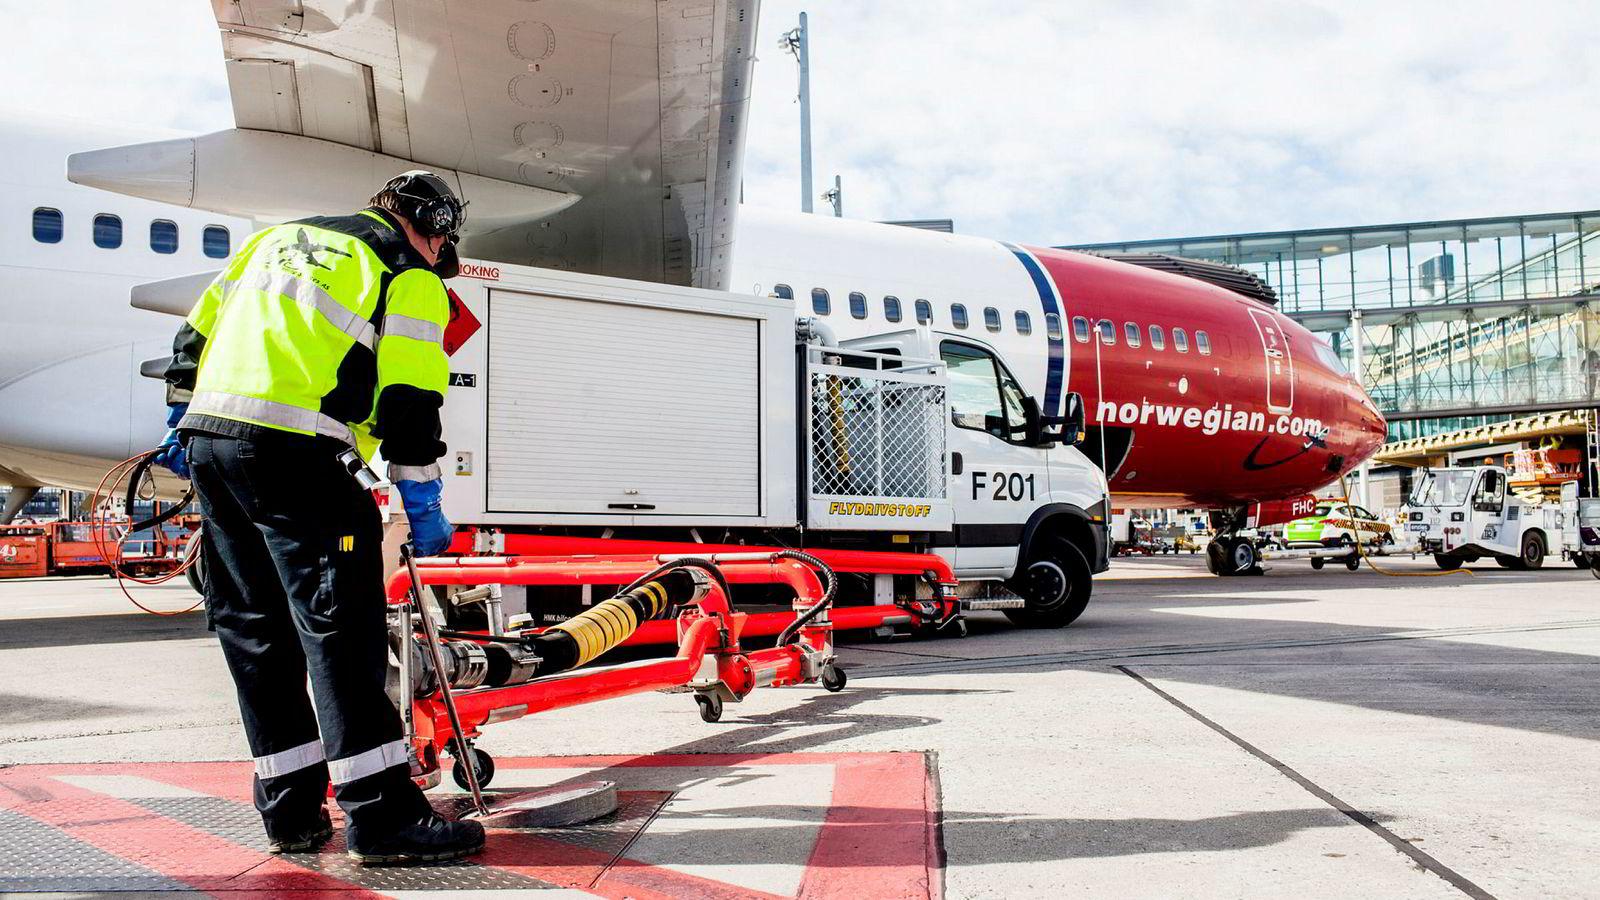 Norwegian bruker nær ti milliarder kroner årlig på å fylle tanken med drivstoff og får drahjelp av at oljeprisen har falt 30 prosent. Det kan også hjelpe investorene som i verste fall må inn med frisk egenkapital. Her fra Oslo lufthavn.